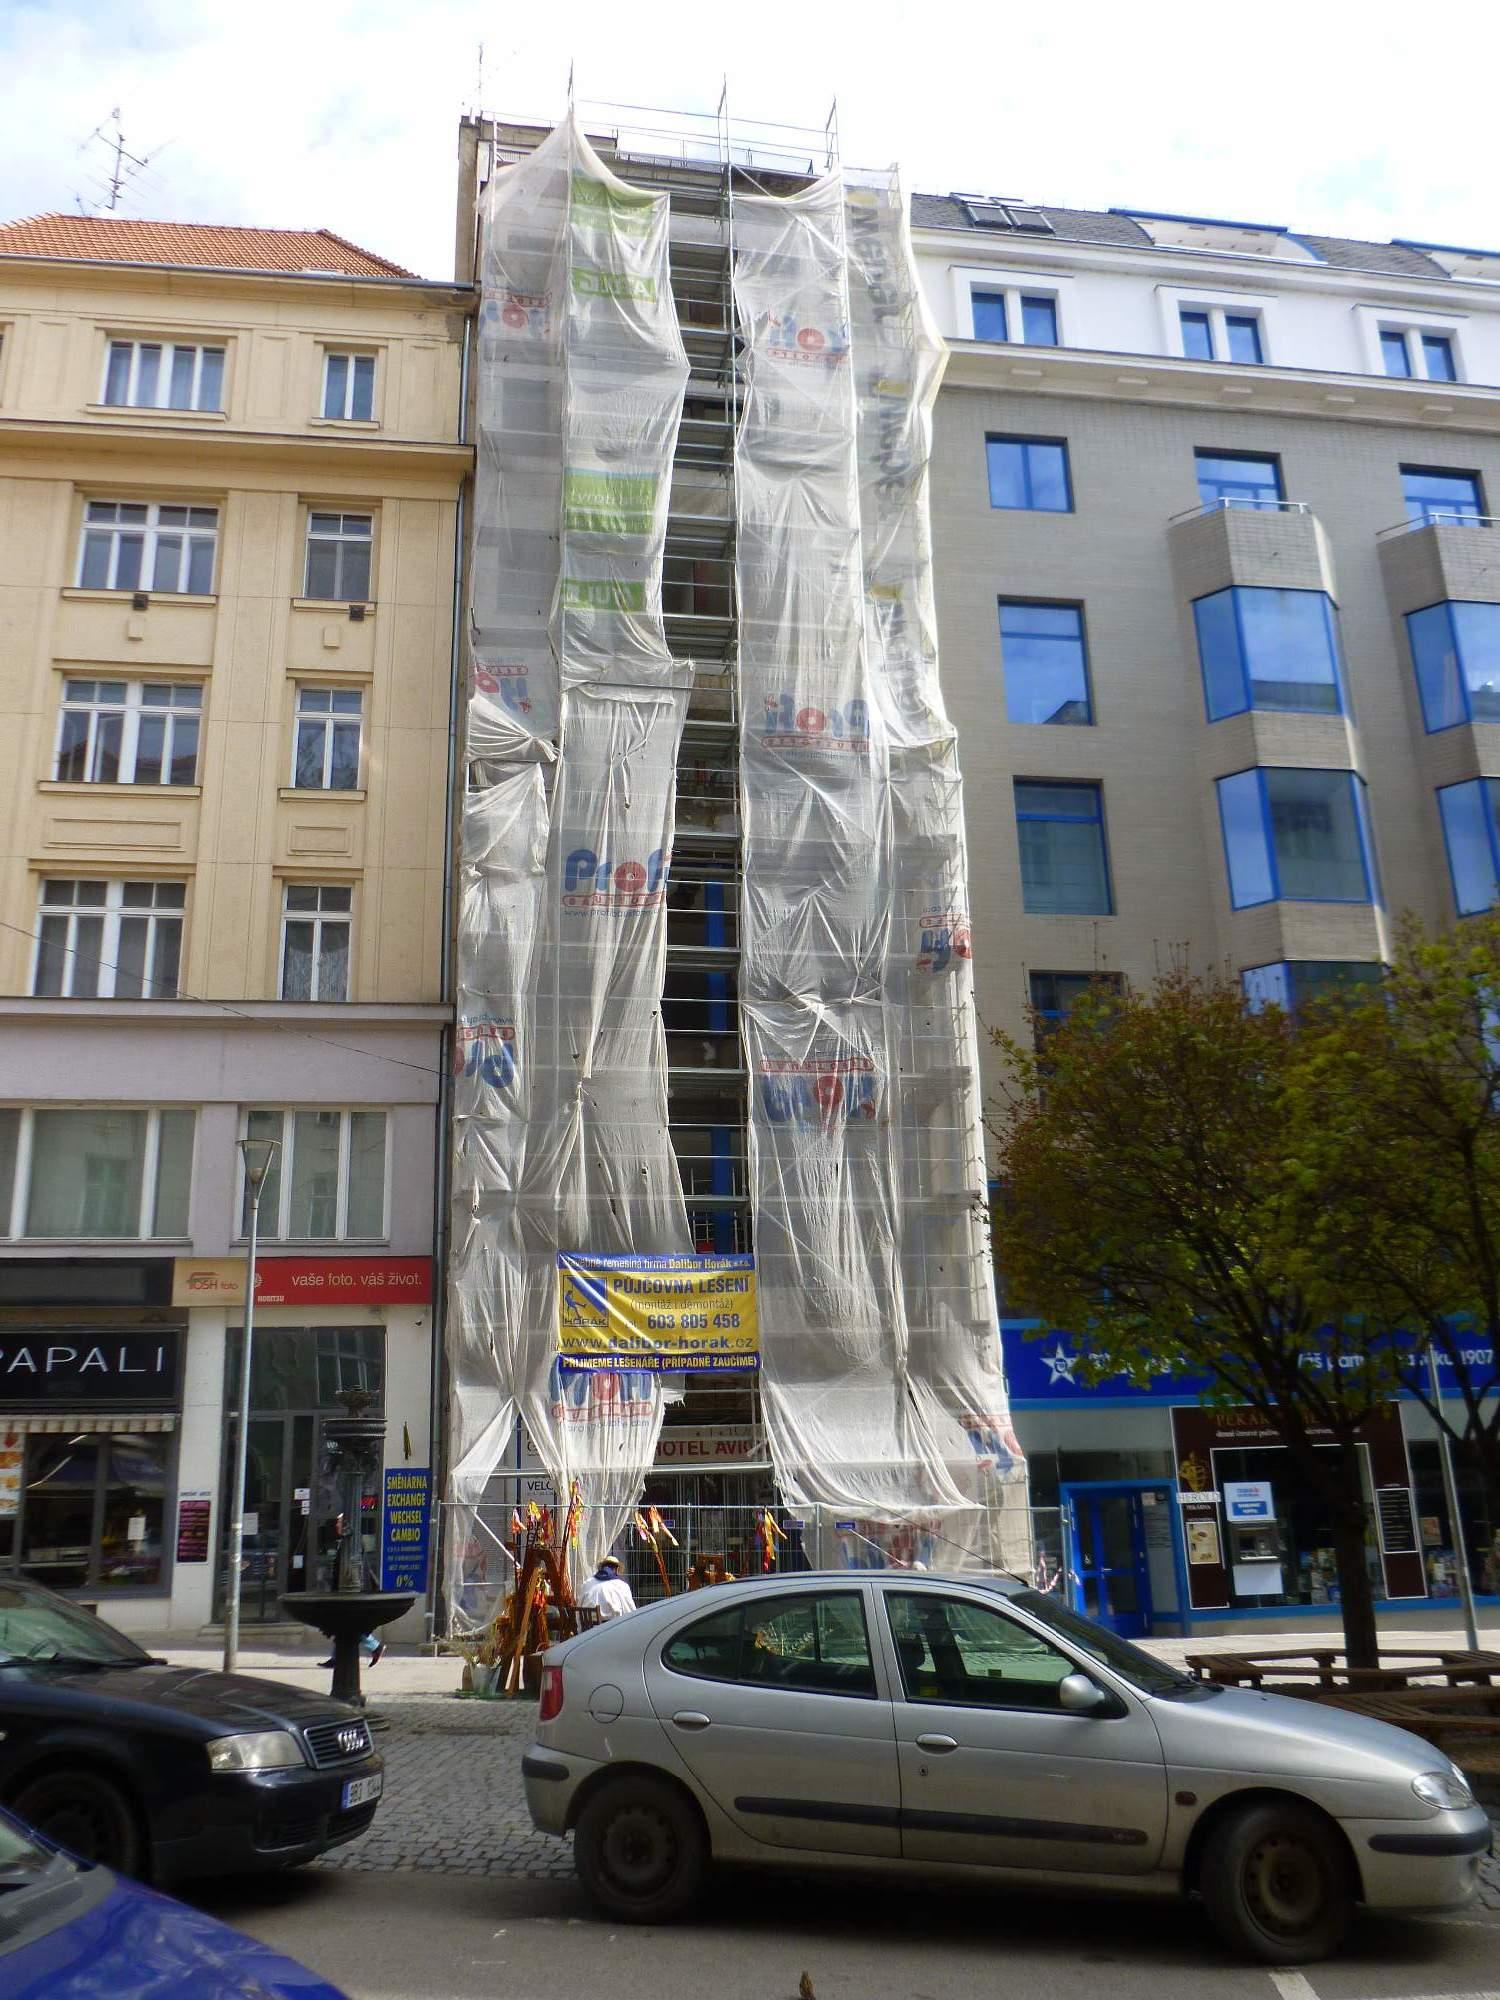 Kolem hotelu postavili dělníci lešení a pracují na jeho obnově. Foto: Kristýna Hortvíková